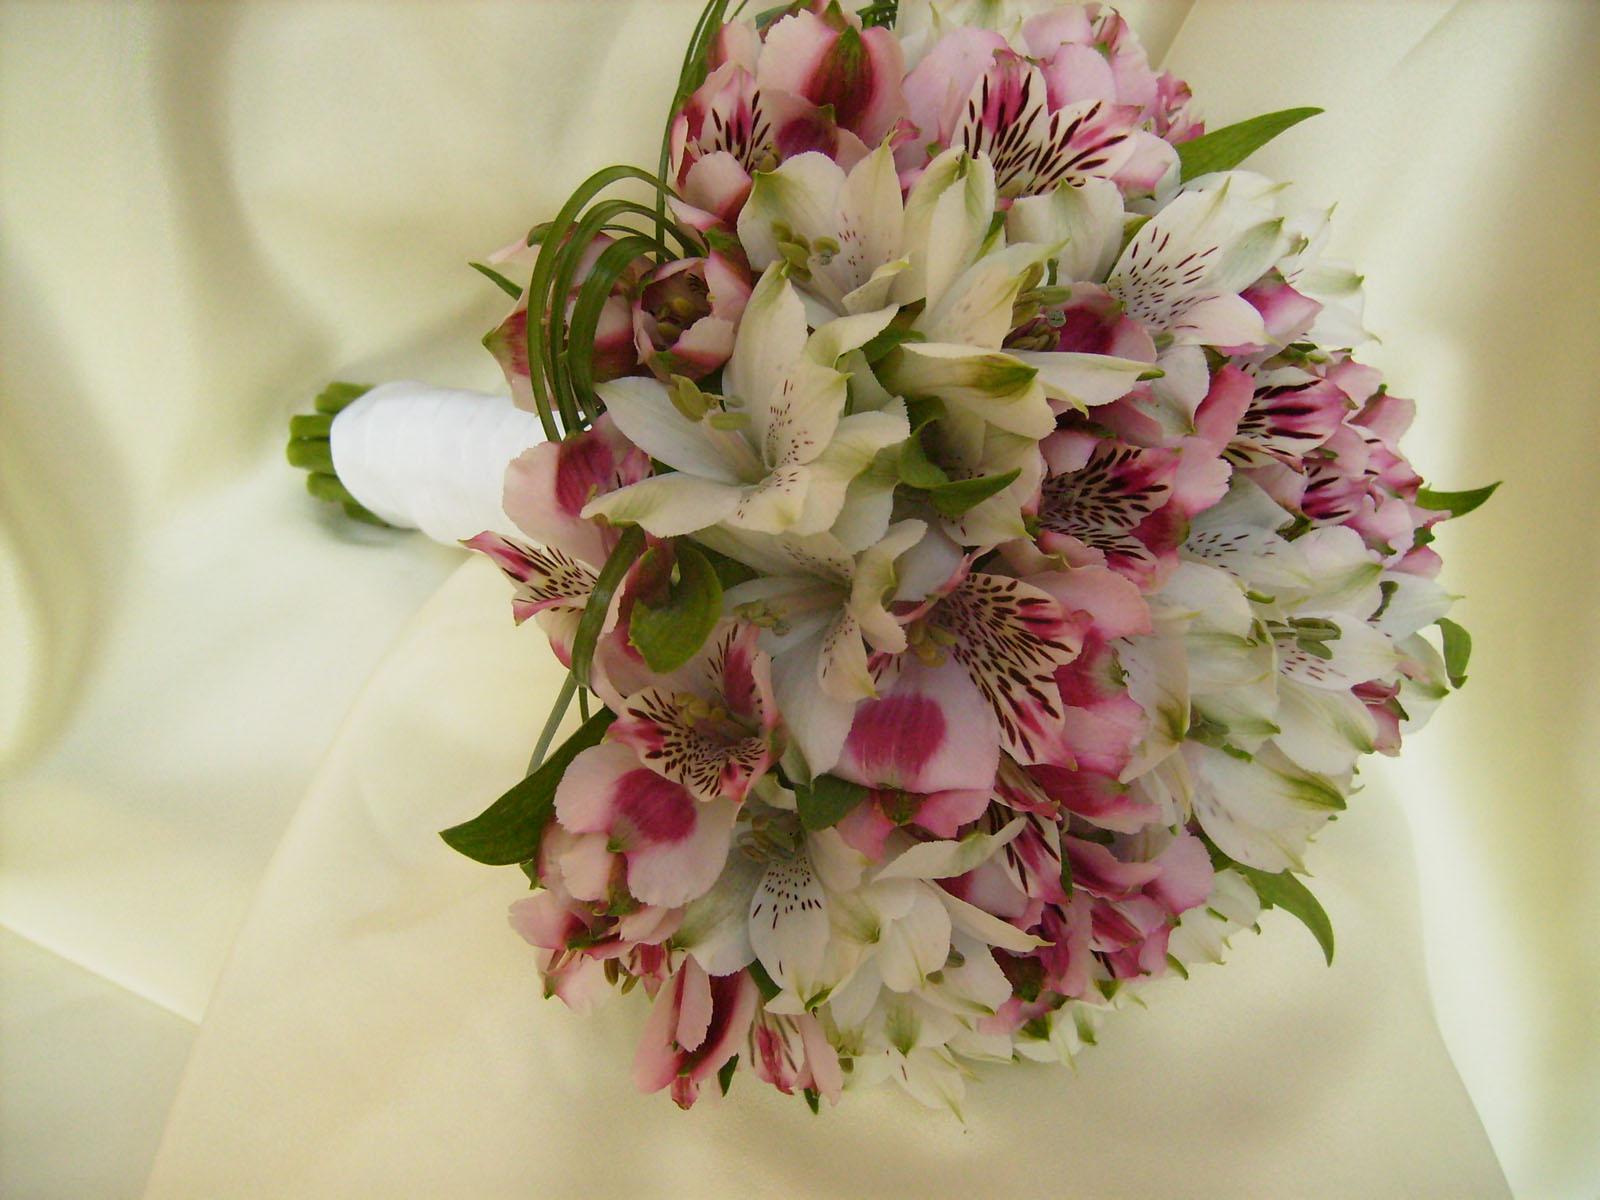 névnapi virágcsokor képek Vidám színű névnapi virágcsokor   ZeuszZeusz névnapi virágcsokor képek